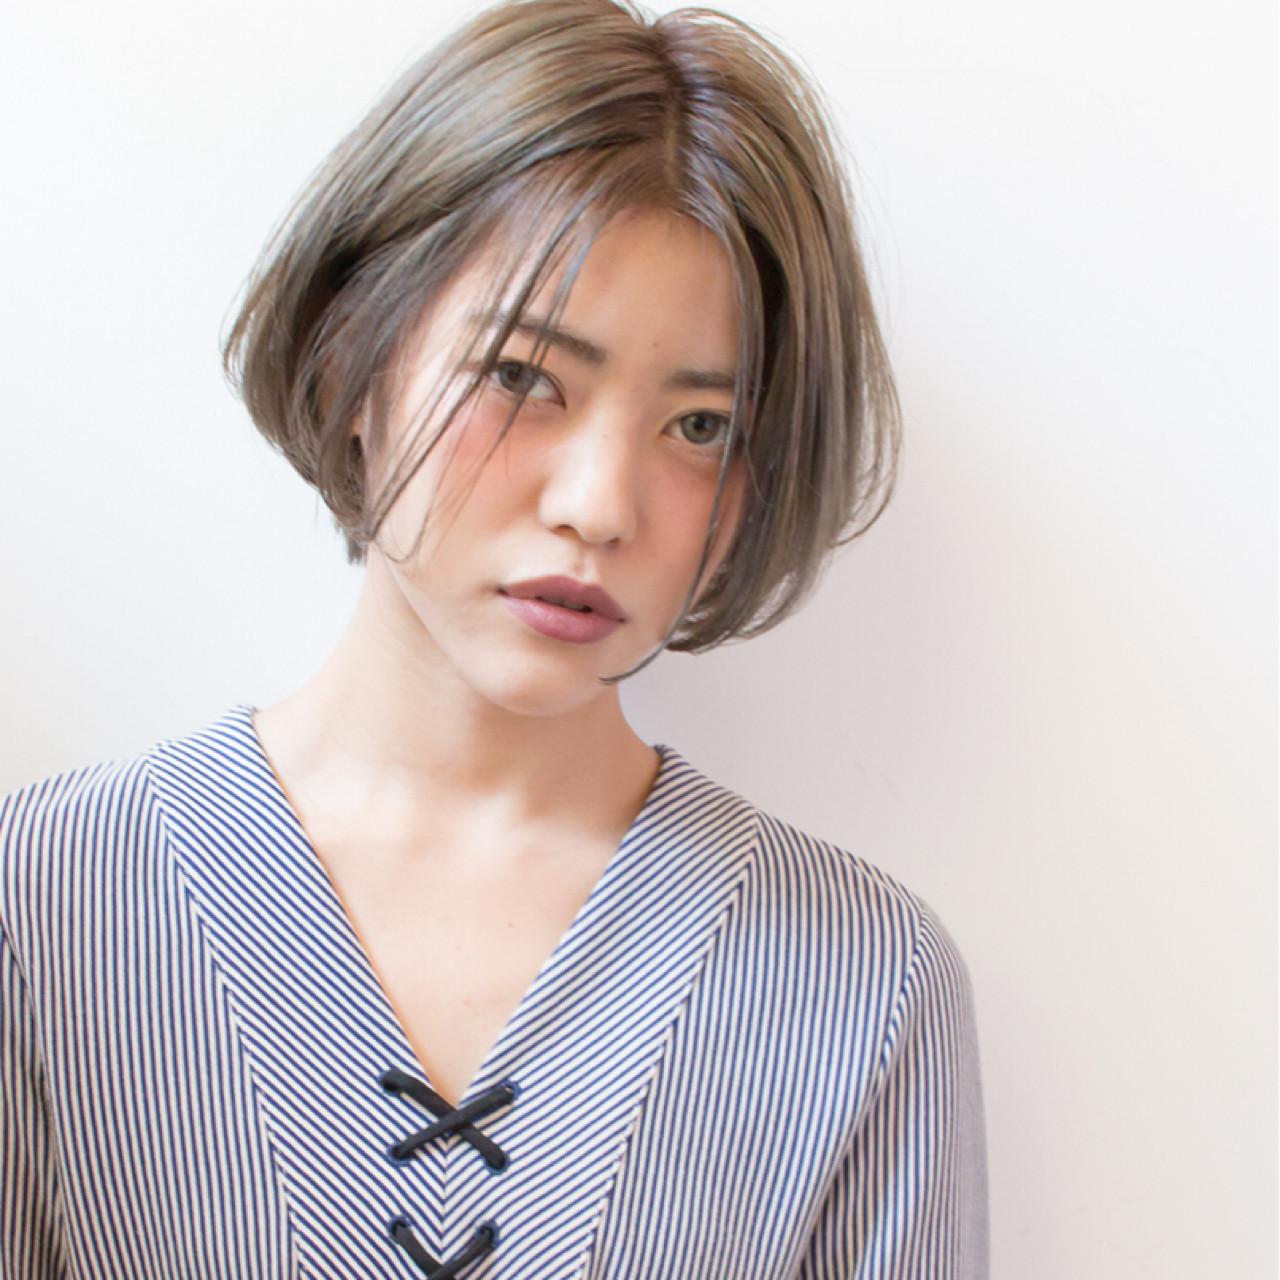 大人が華やぐボブヘア♪30代におすすめのヘアカタログ集 吉岡 久美子 / Ravo HAIR